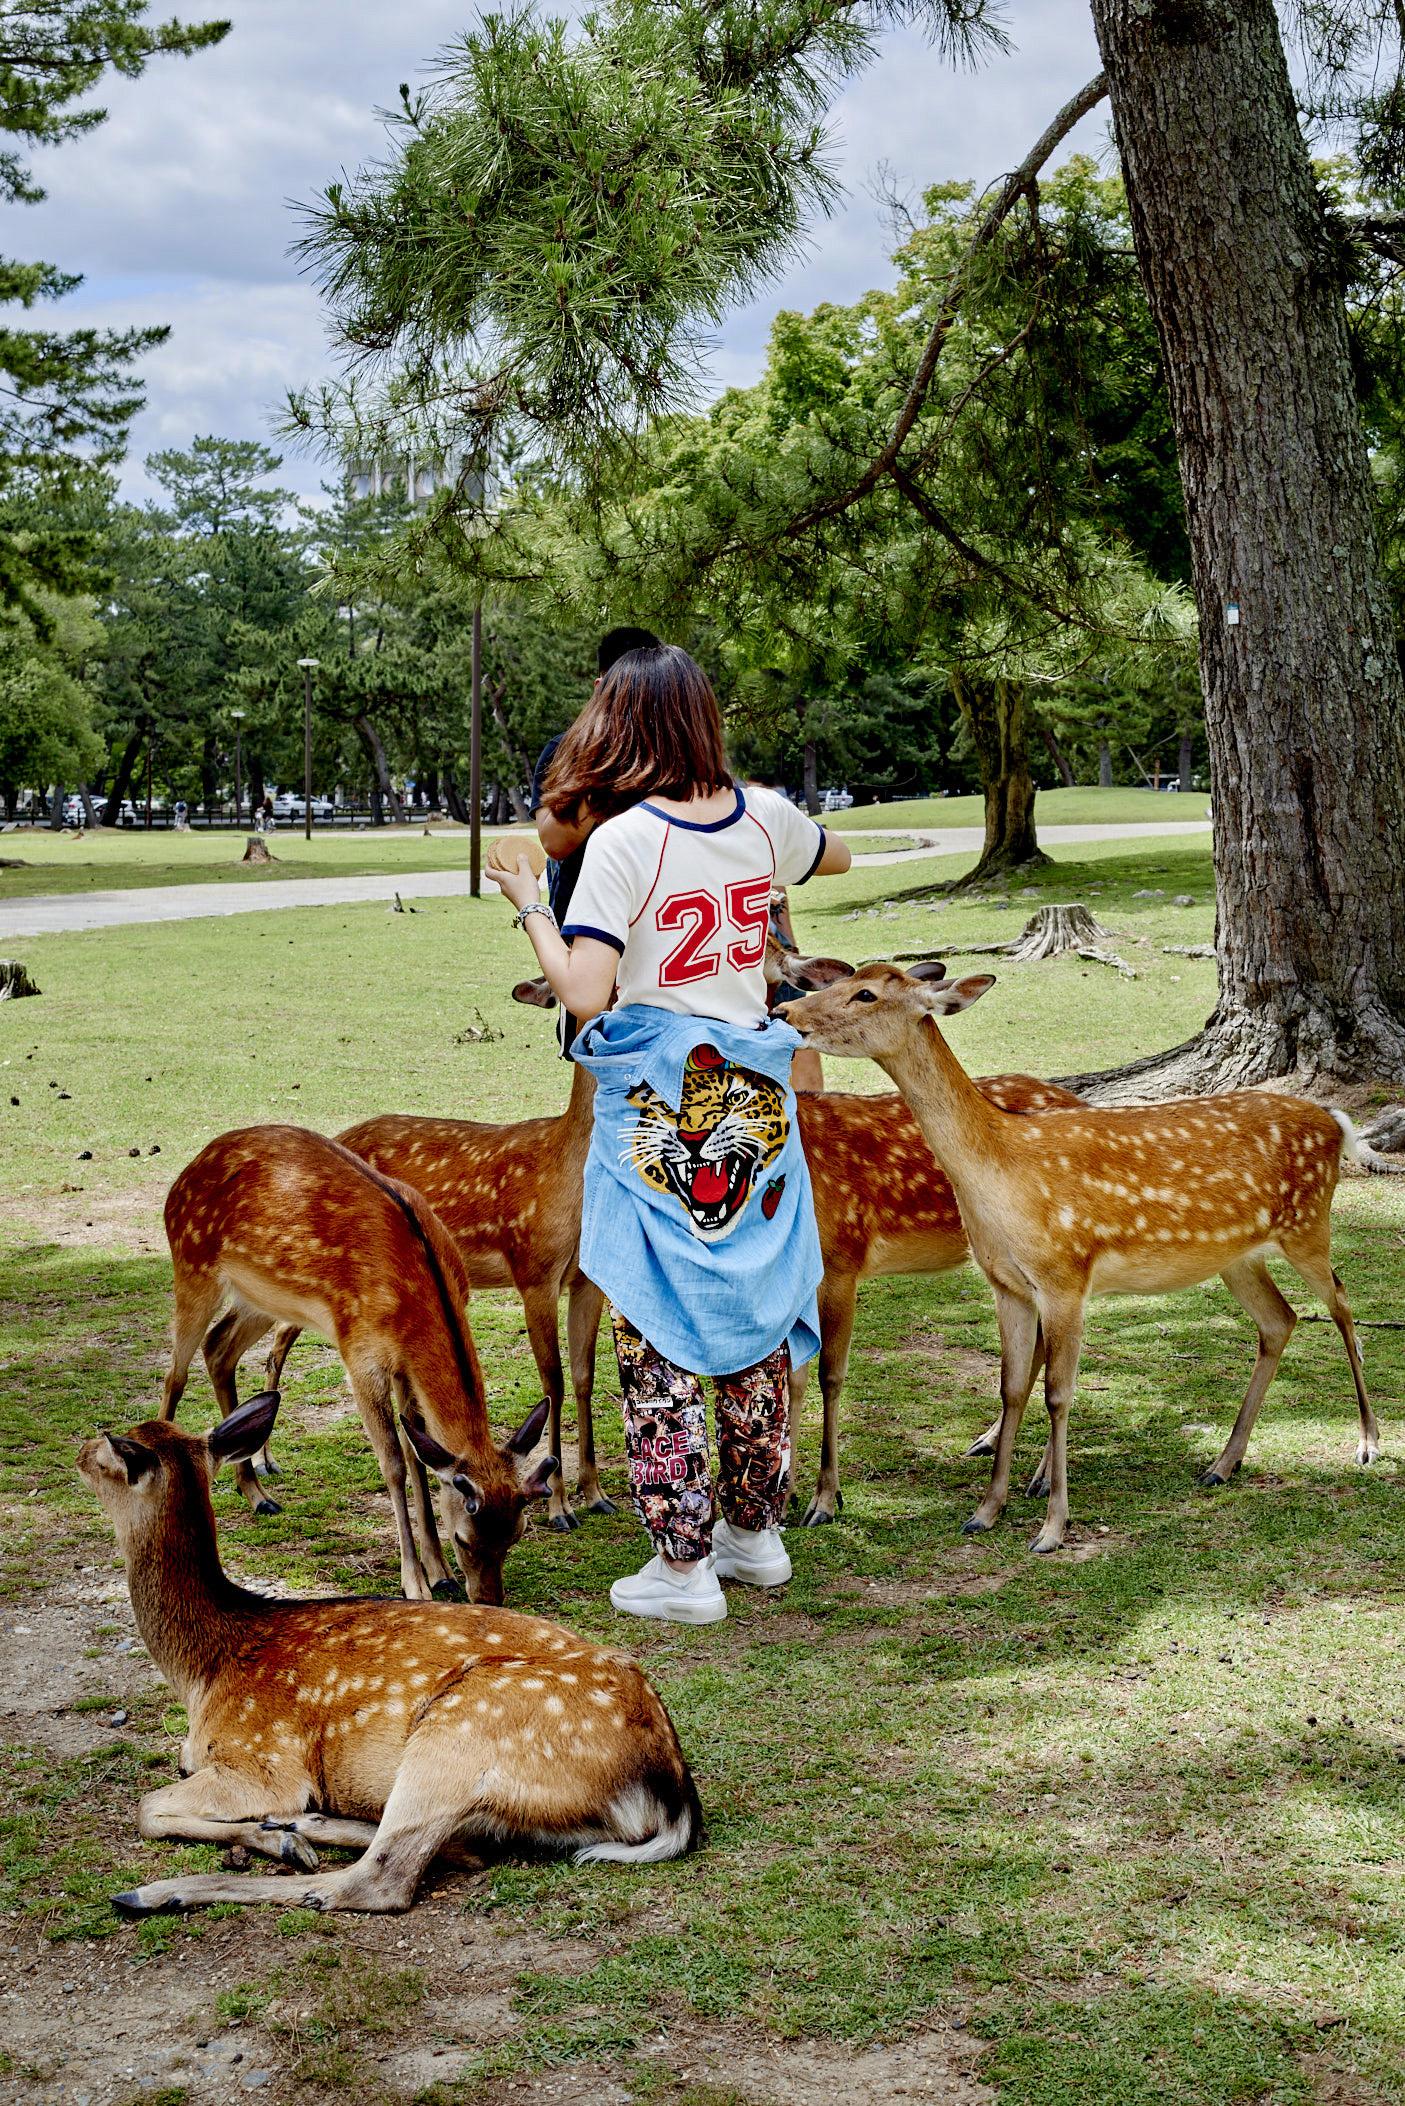 Yasara Gunawardena – Japan – Nara – Deer Park